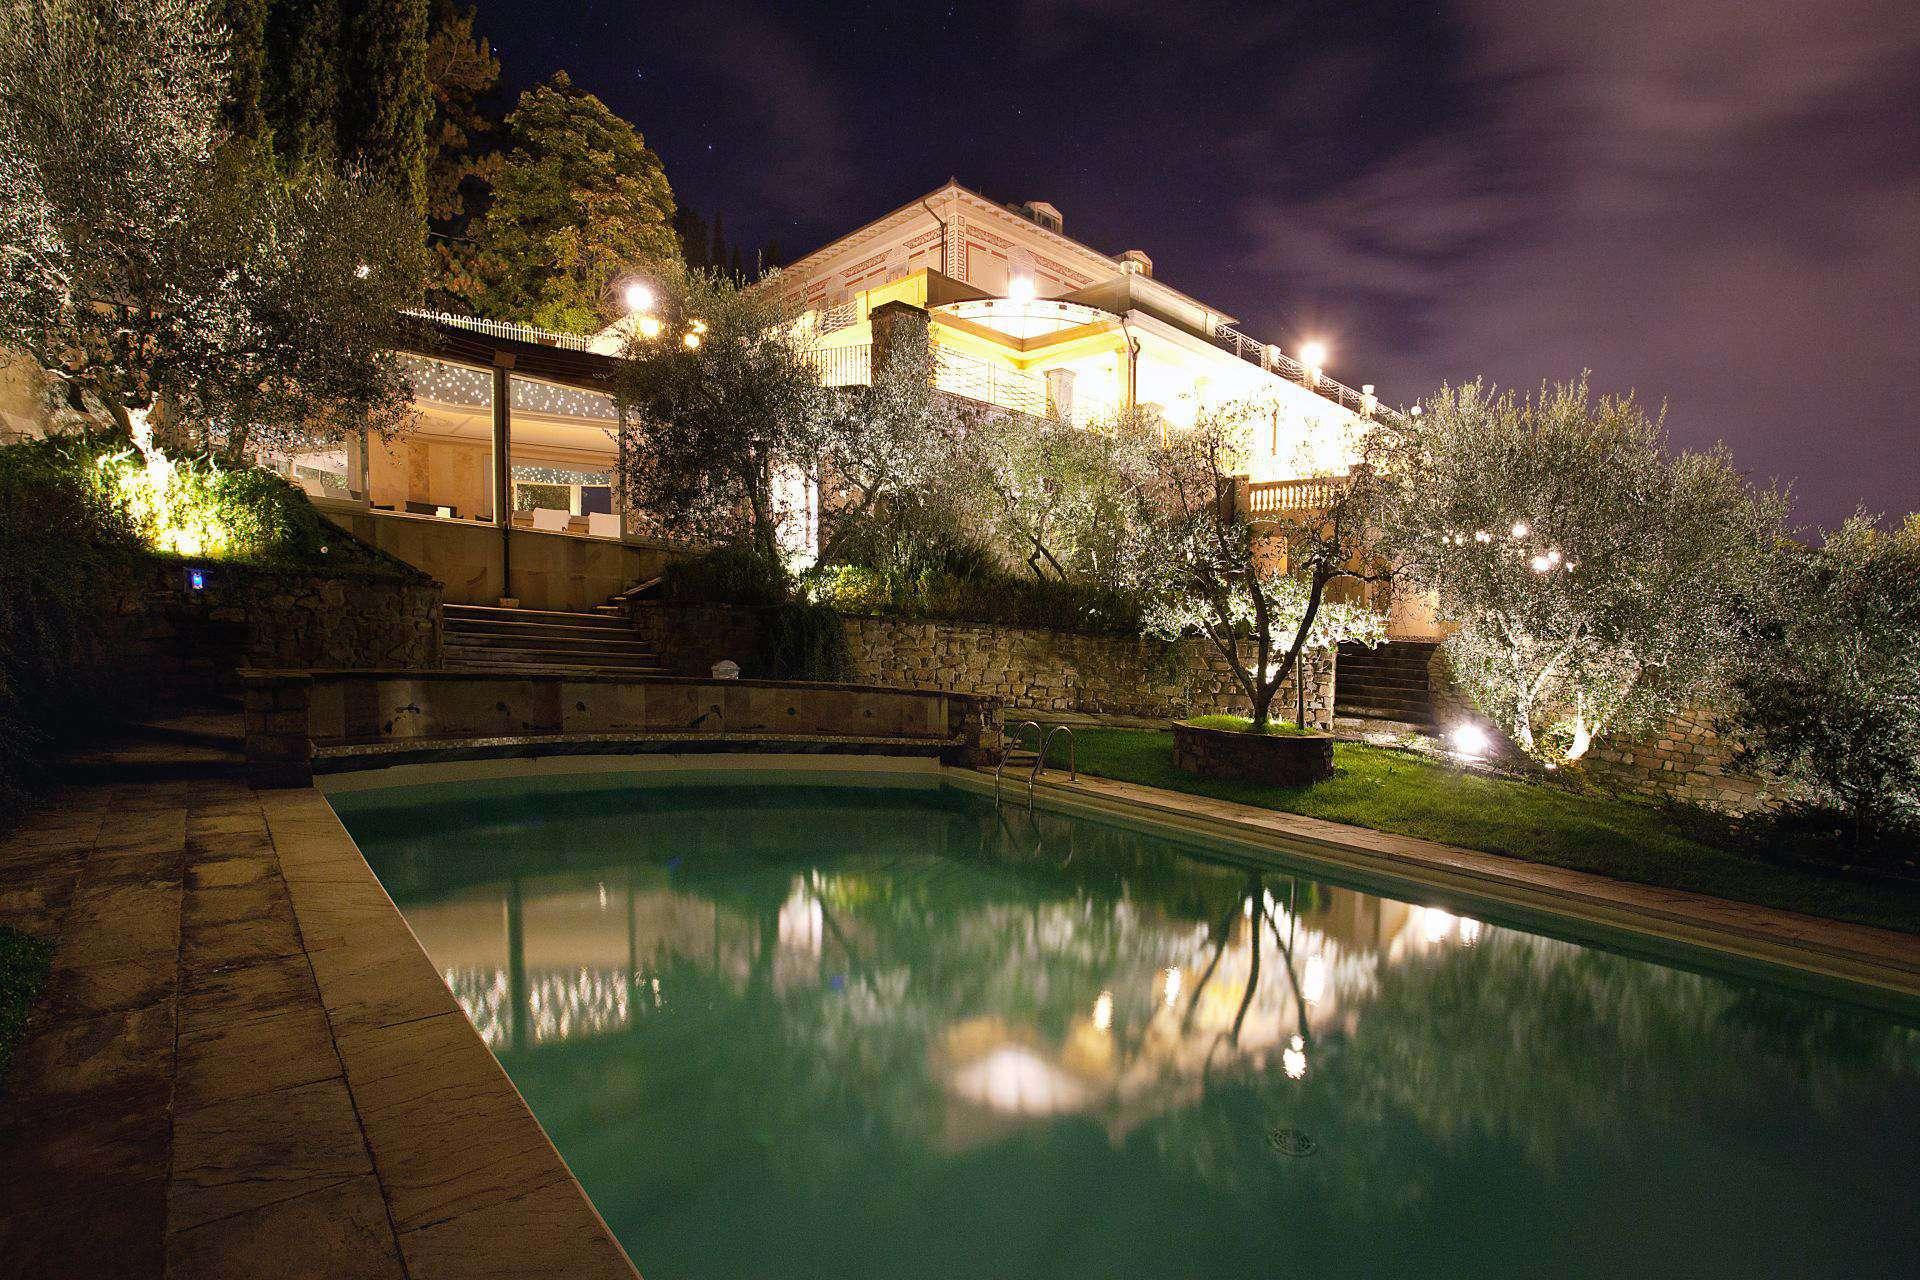 Centro benessere in toscana hotel benessere e spa nel chianti fra firenze arezzo e siena - Hotel con piscina firenze ...